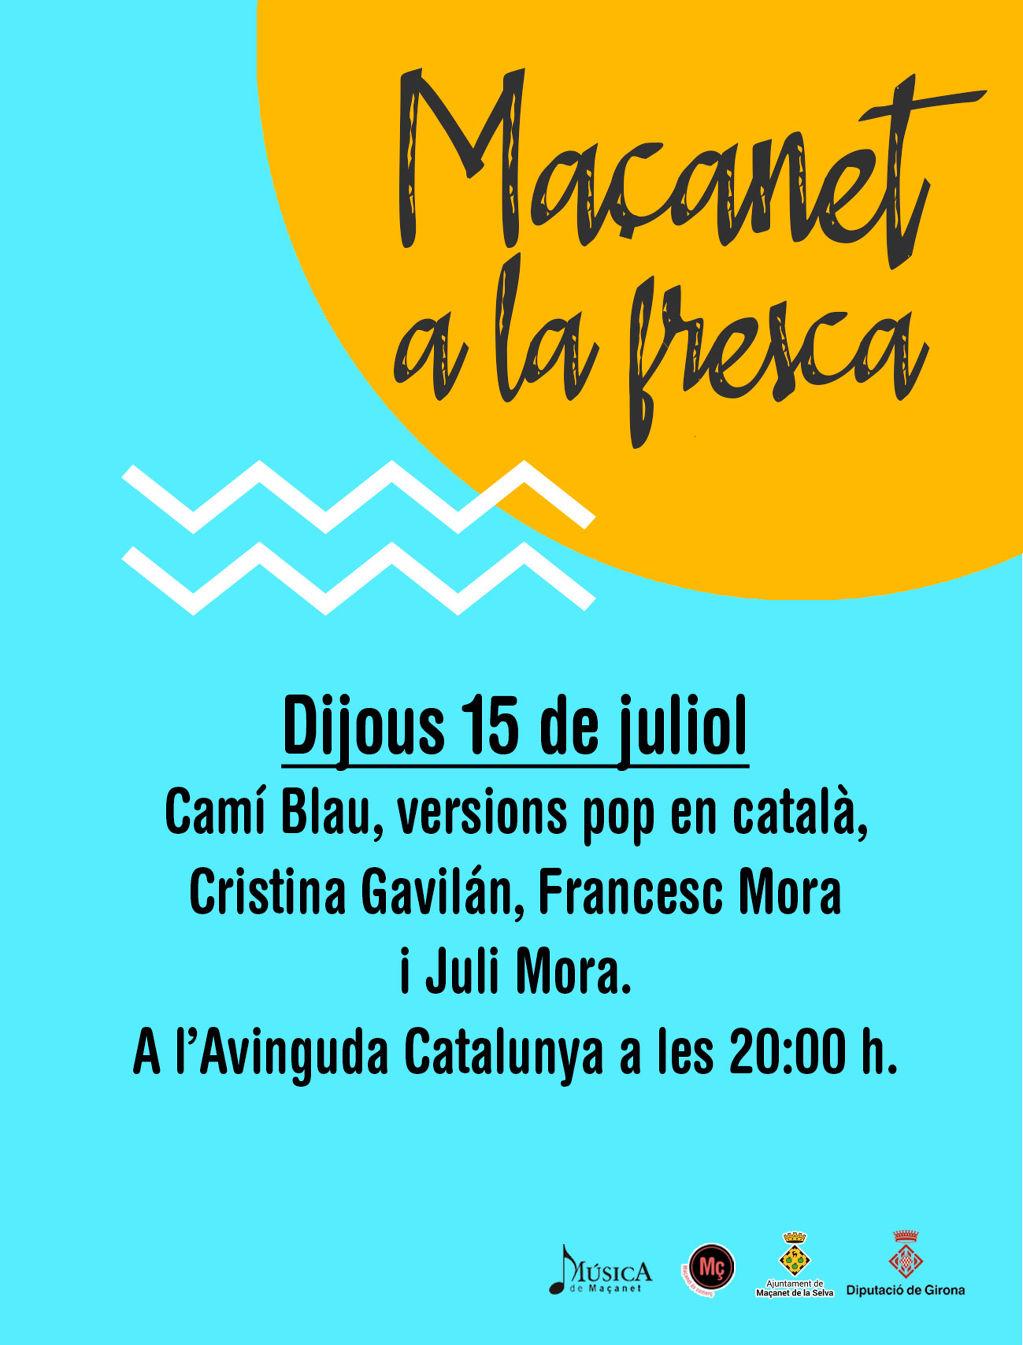 MAÇANET A LA FRESCA: Versions pop en català - 0e354-15-juliol.jpg